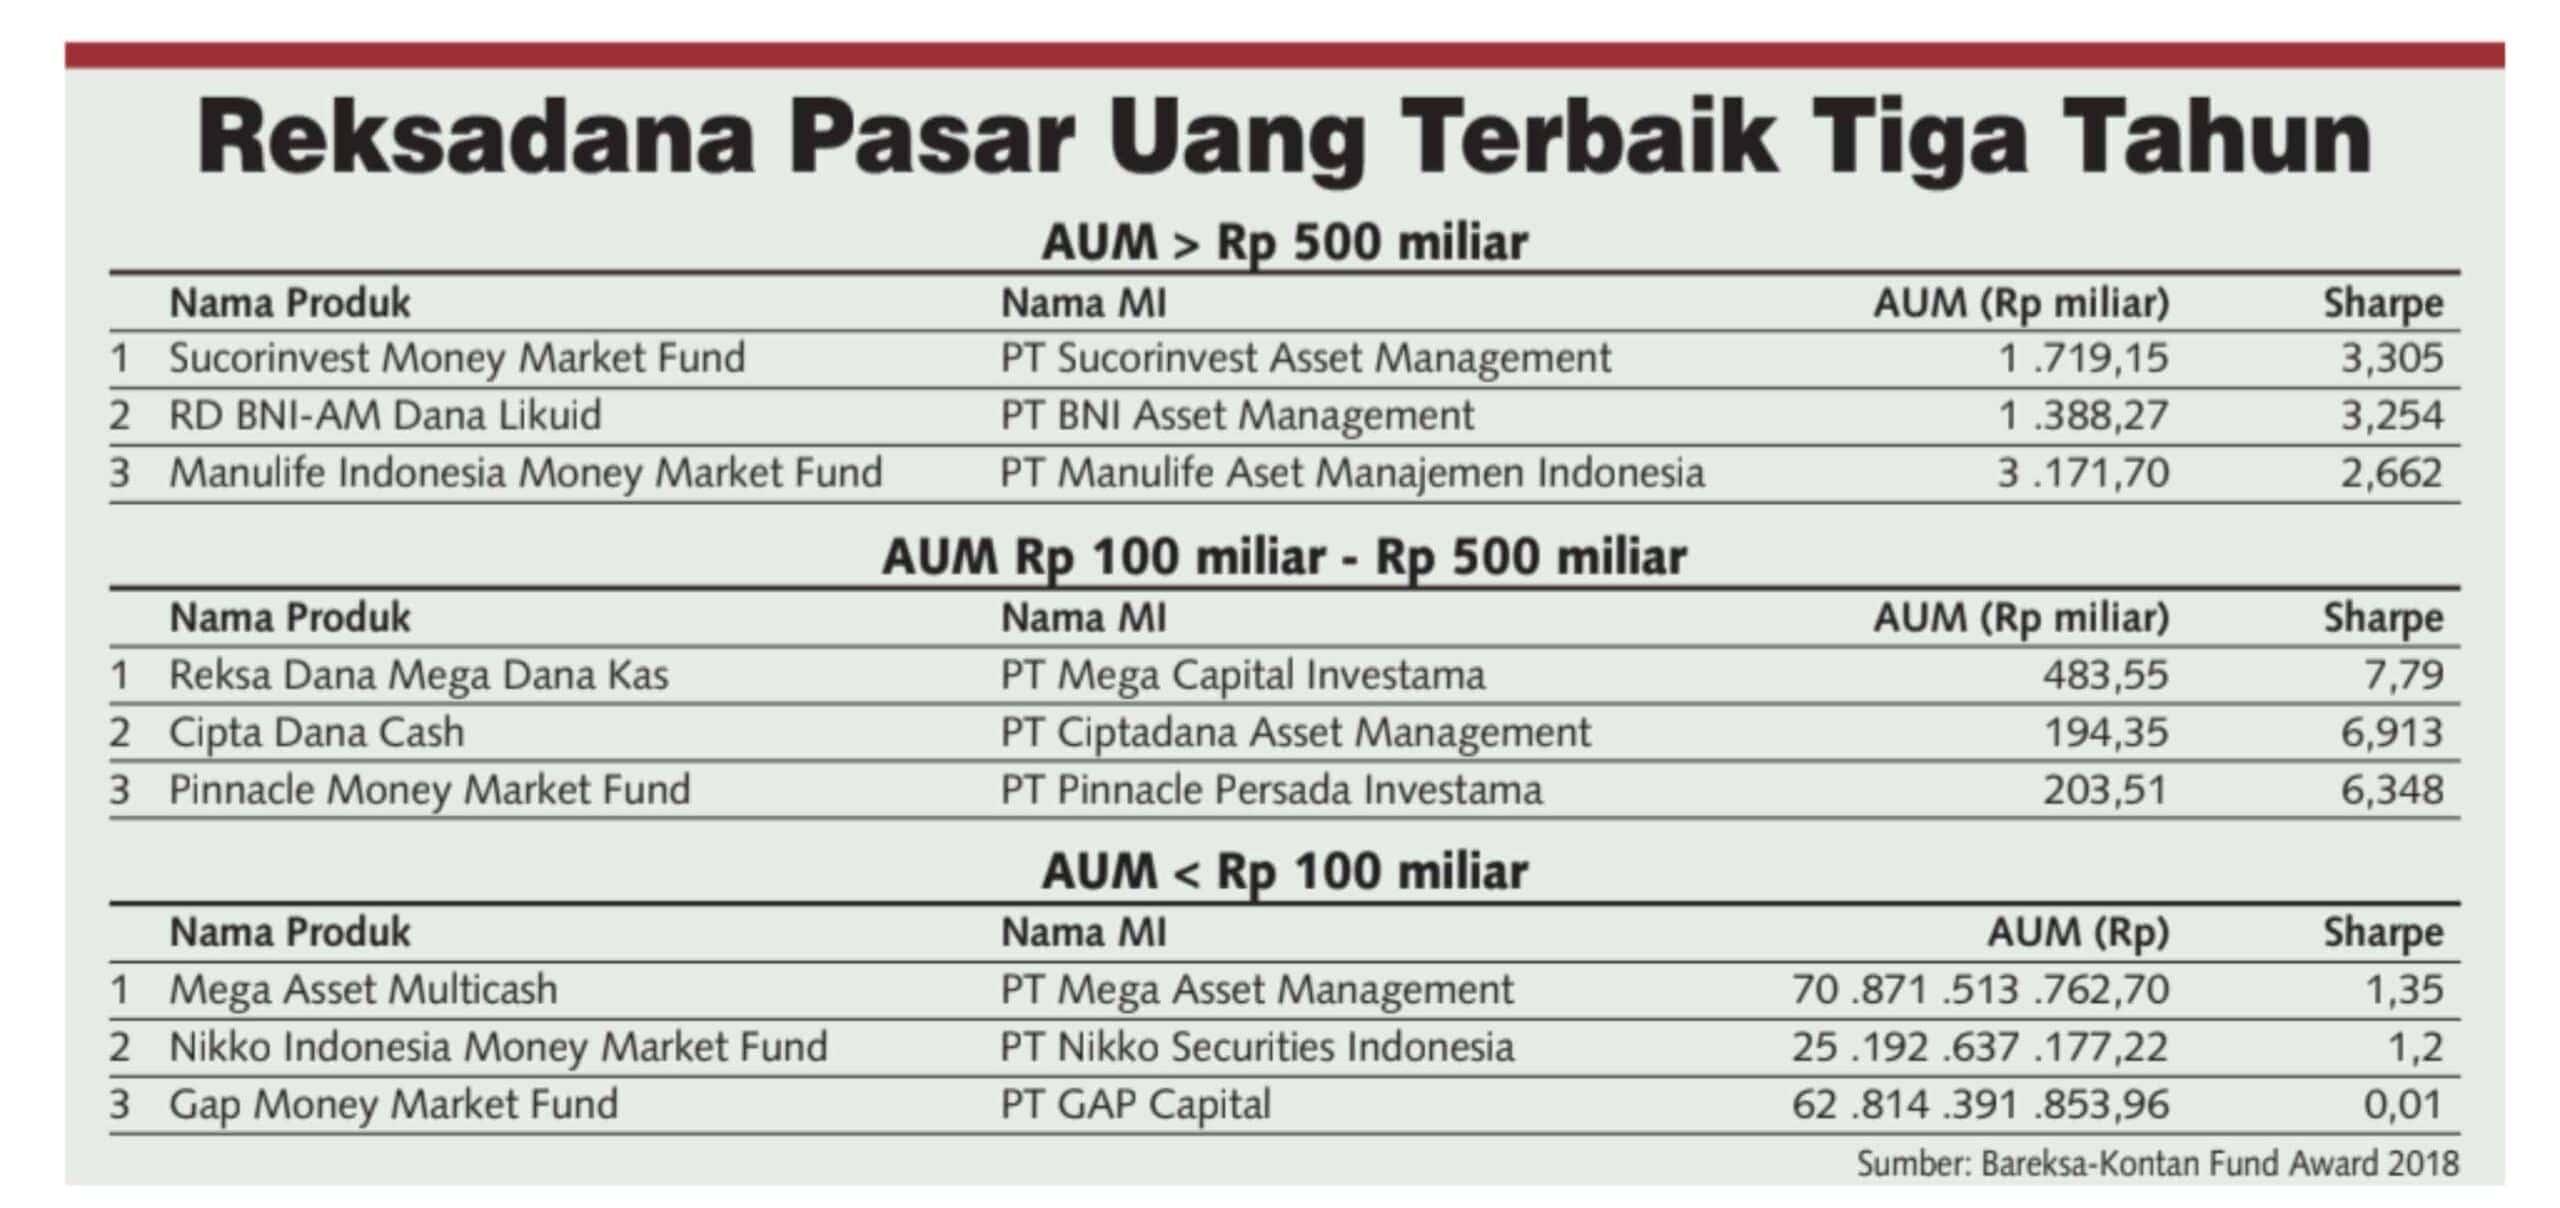 Reksadana Pasar Uang Terbaik Kinerja 3 Tahun